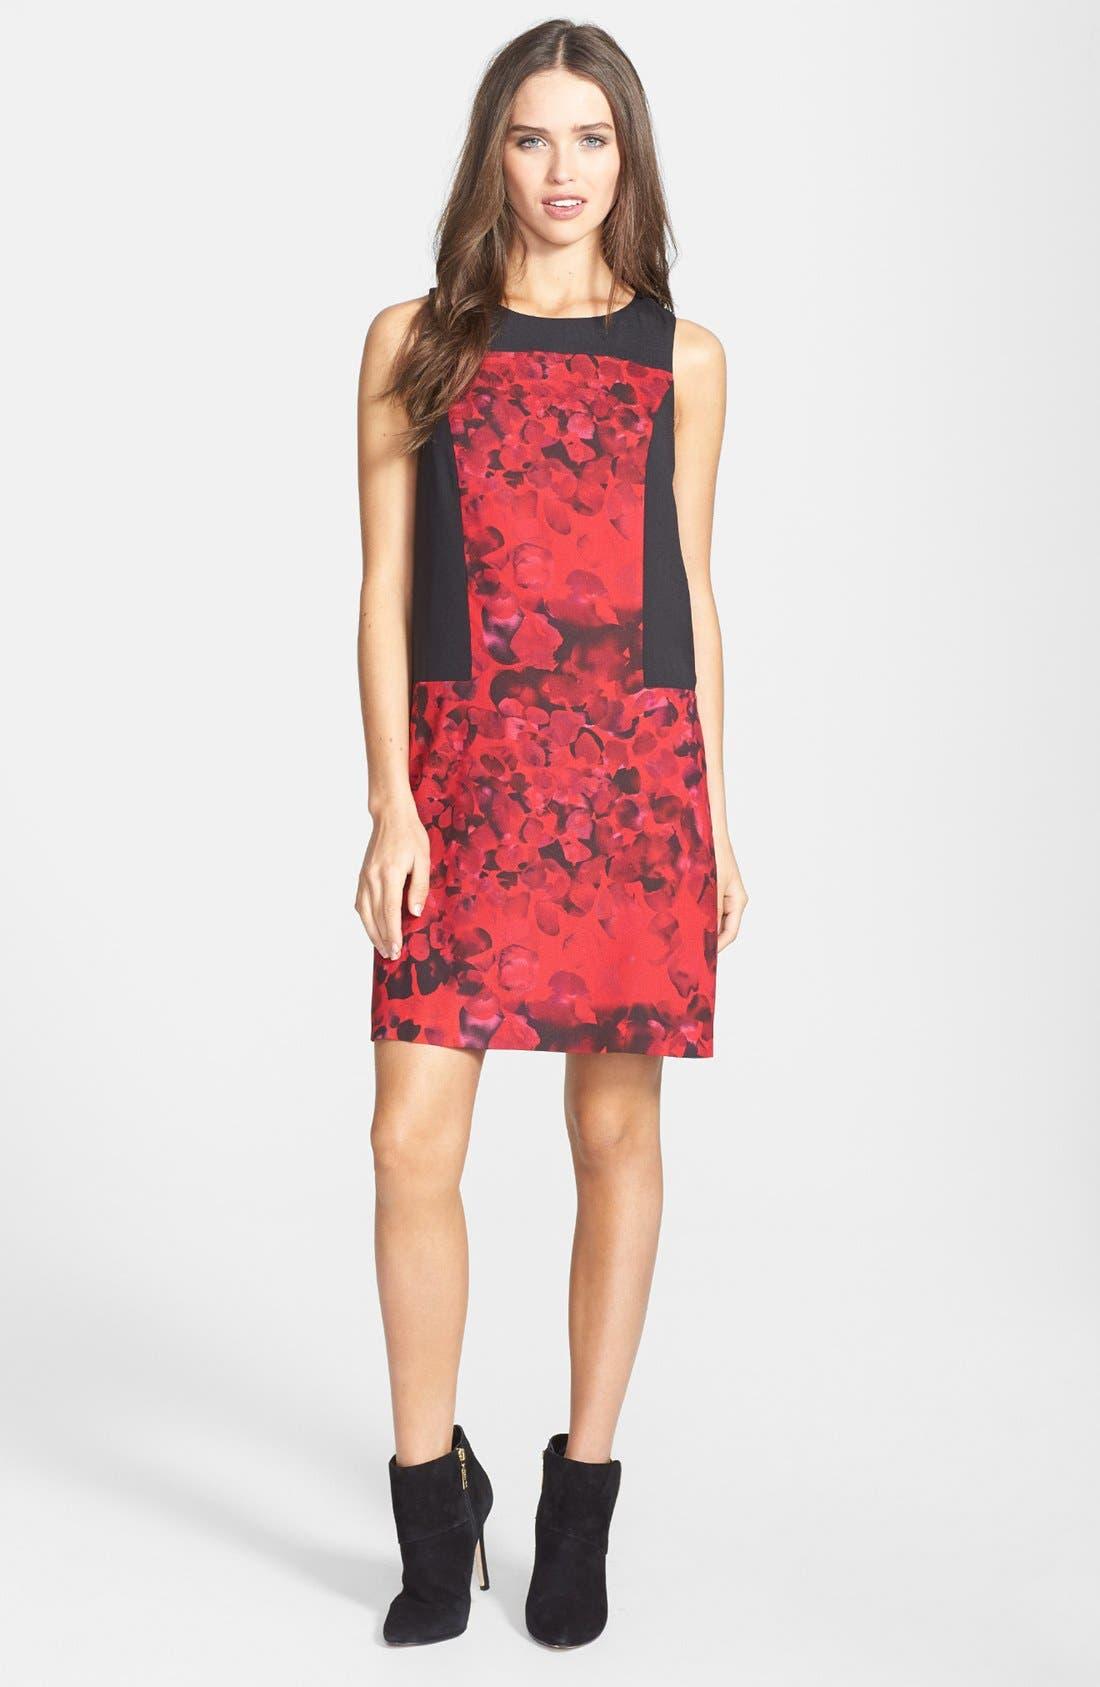 Main Image - kensie 'Petals' Crepe Shift Dress